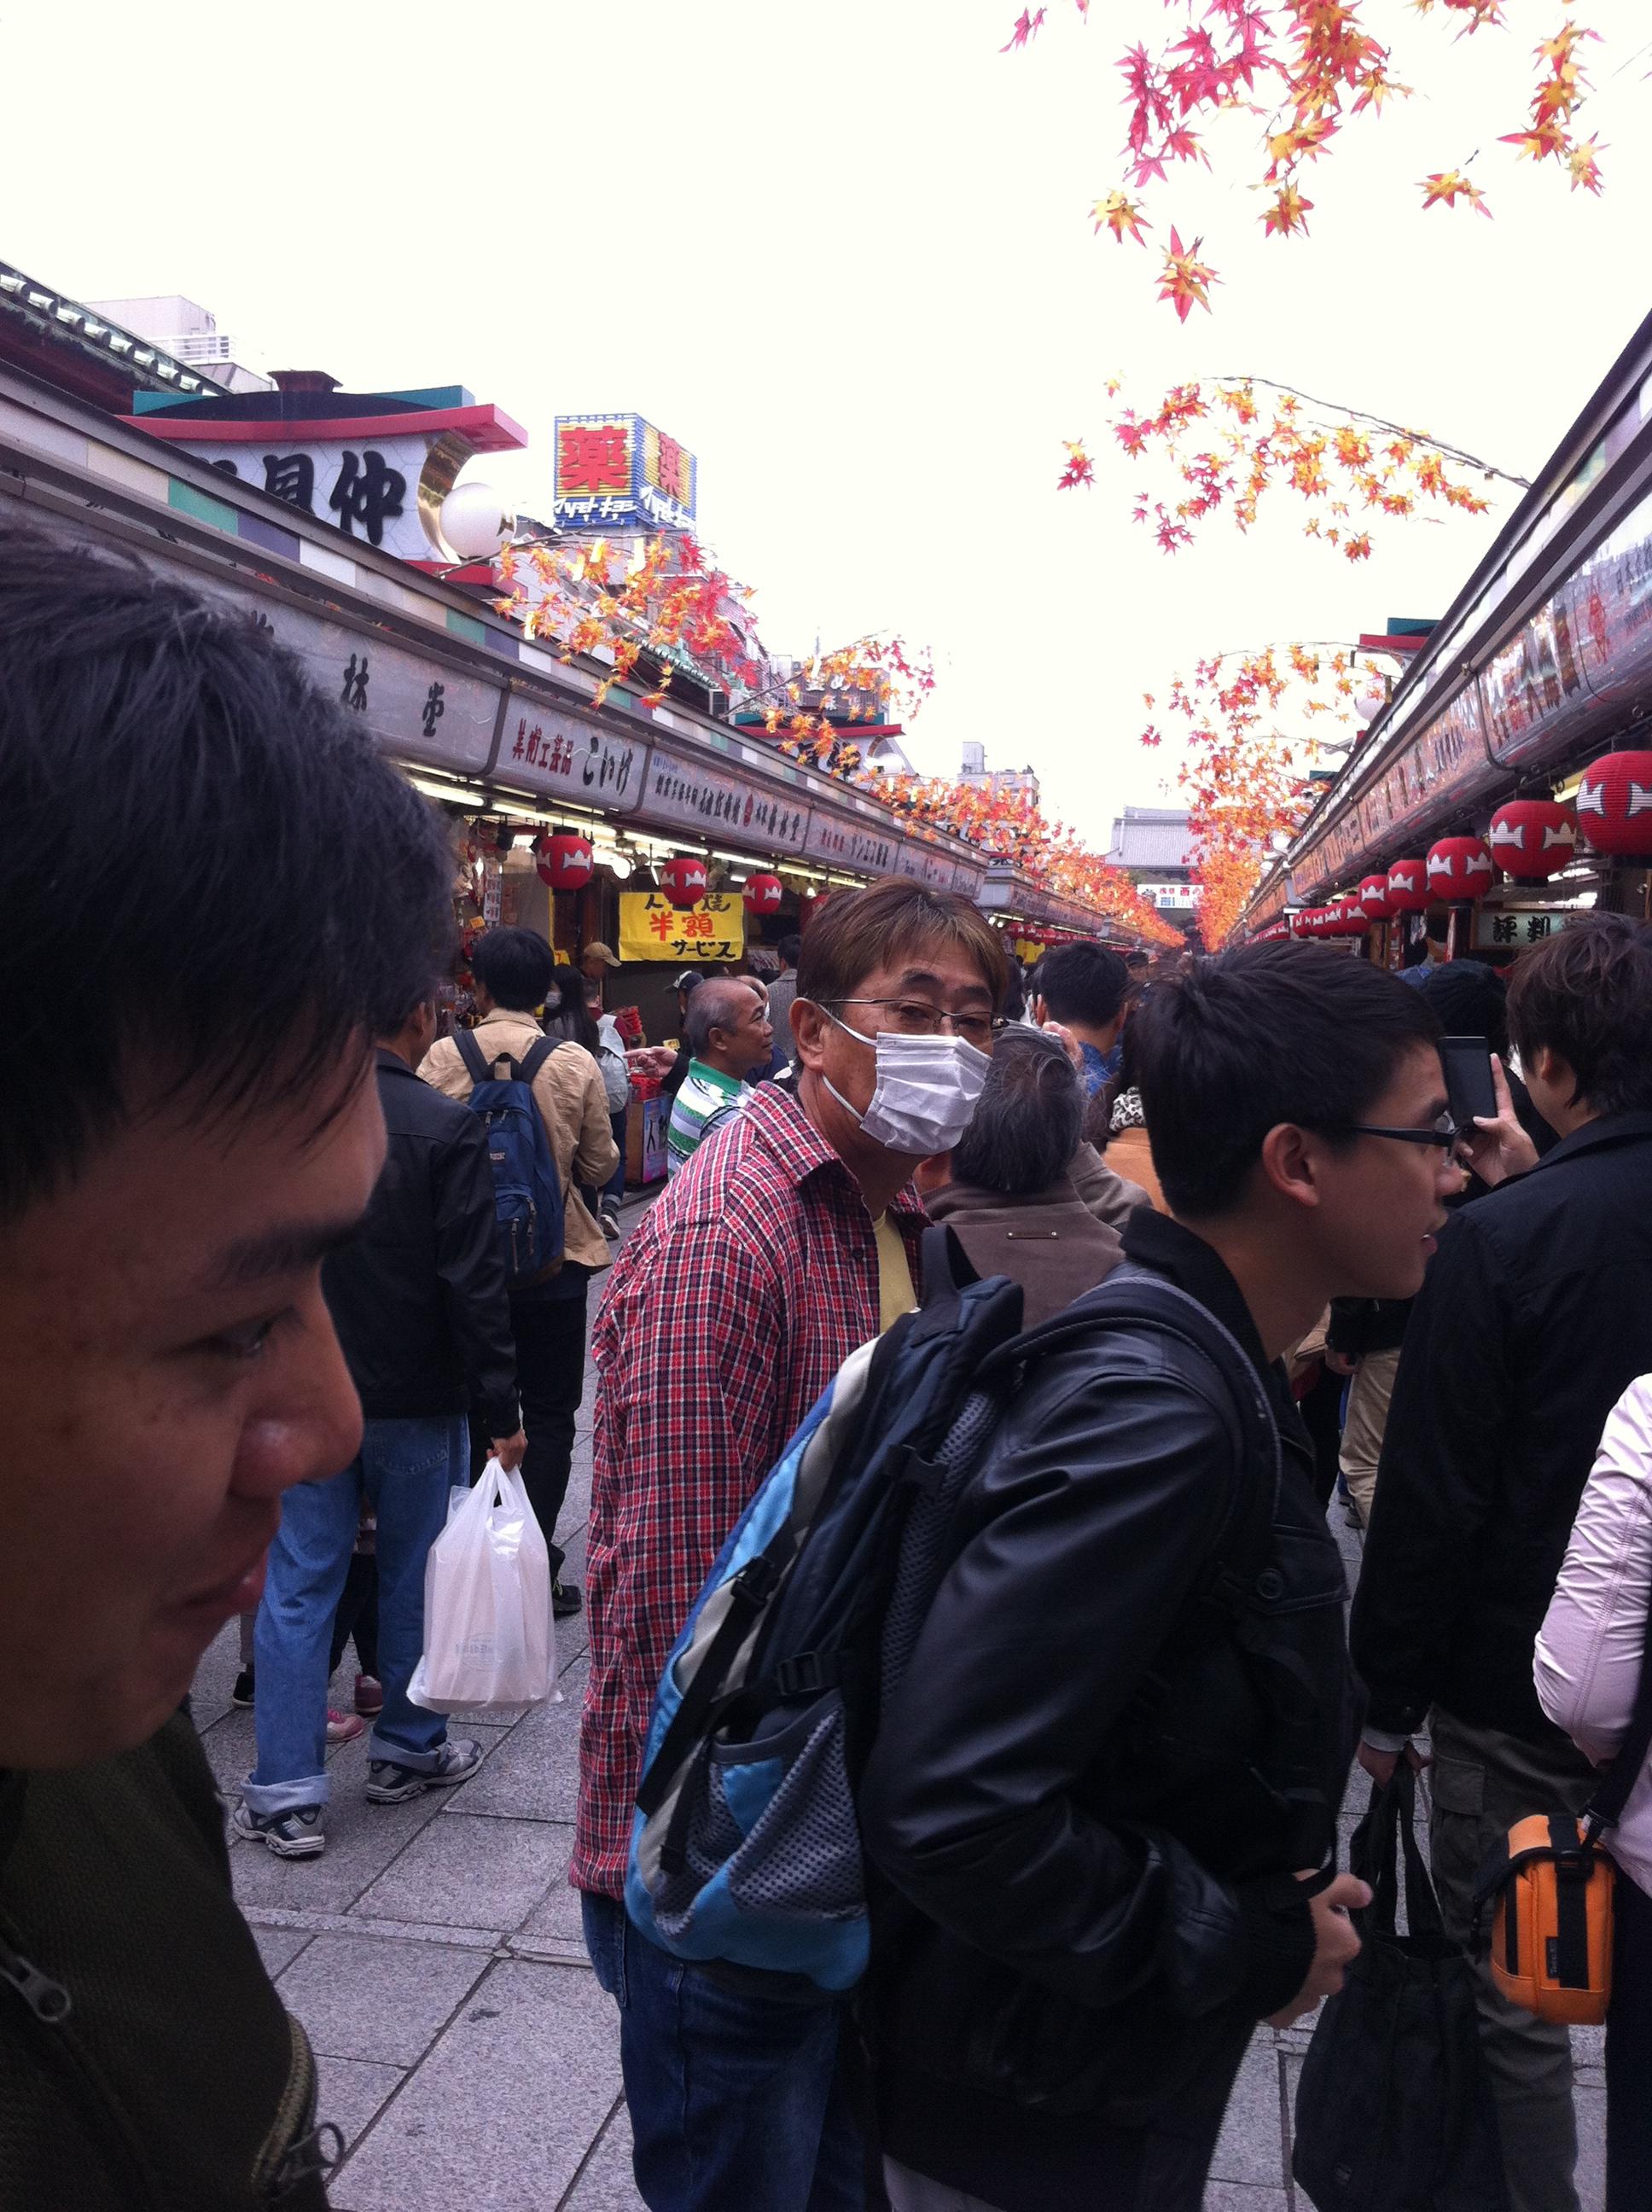 ปลาดิบซาซิมิ,วิธีเที่ยวญี่ปุ่นอย่างประหยัด,ค่าครองชีพที่ญี่ปุ่น,คนญี่ปุ่นในไทย,คนไทยในญี่ปุ่น,หญิงไทยในญี่ปุ่น,หญิงไทยในโตเกียวโอซาก้า, วาซาบิ แซลม่อน โรงแรมร้านอาหารโตเกียวญี่ปุ่นแนะนำPicture 351